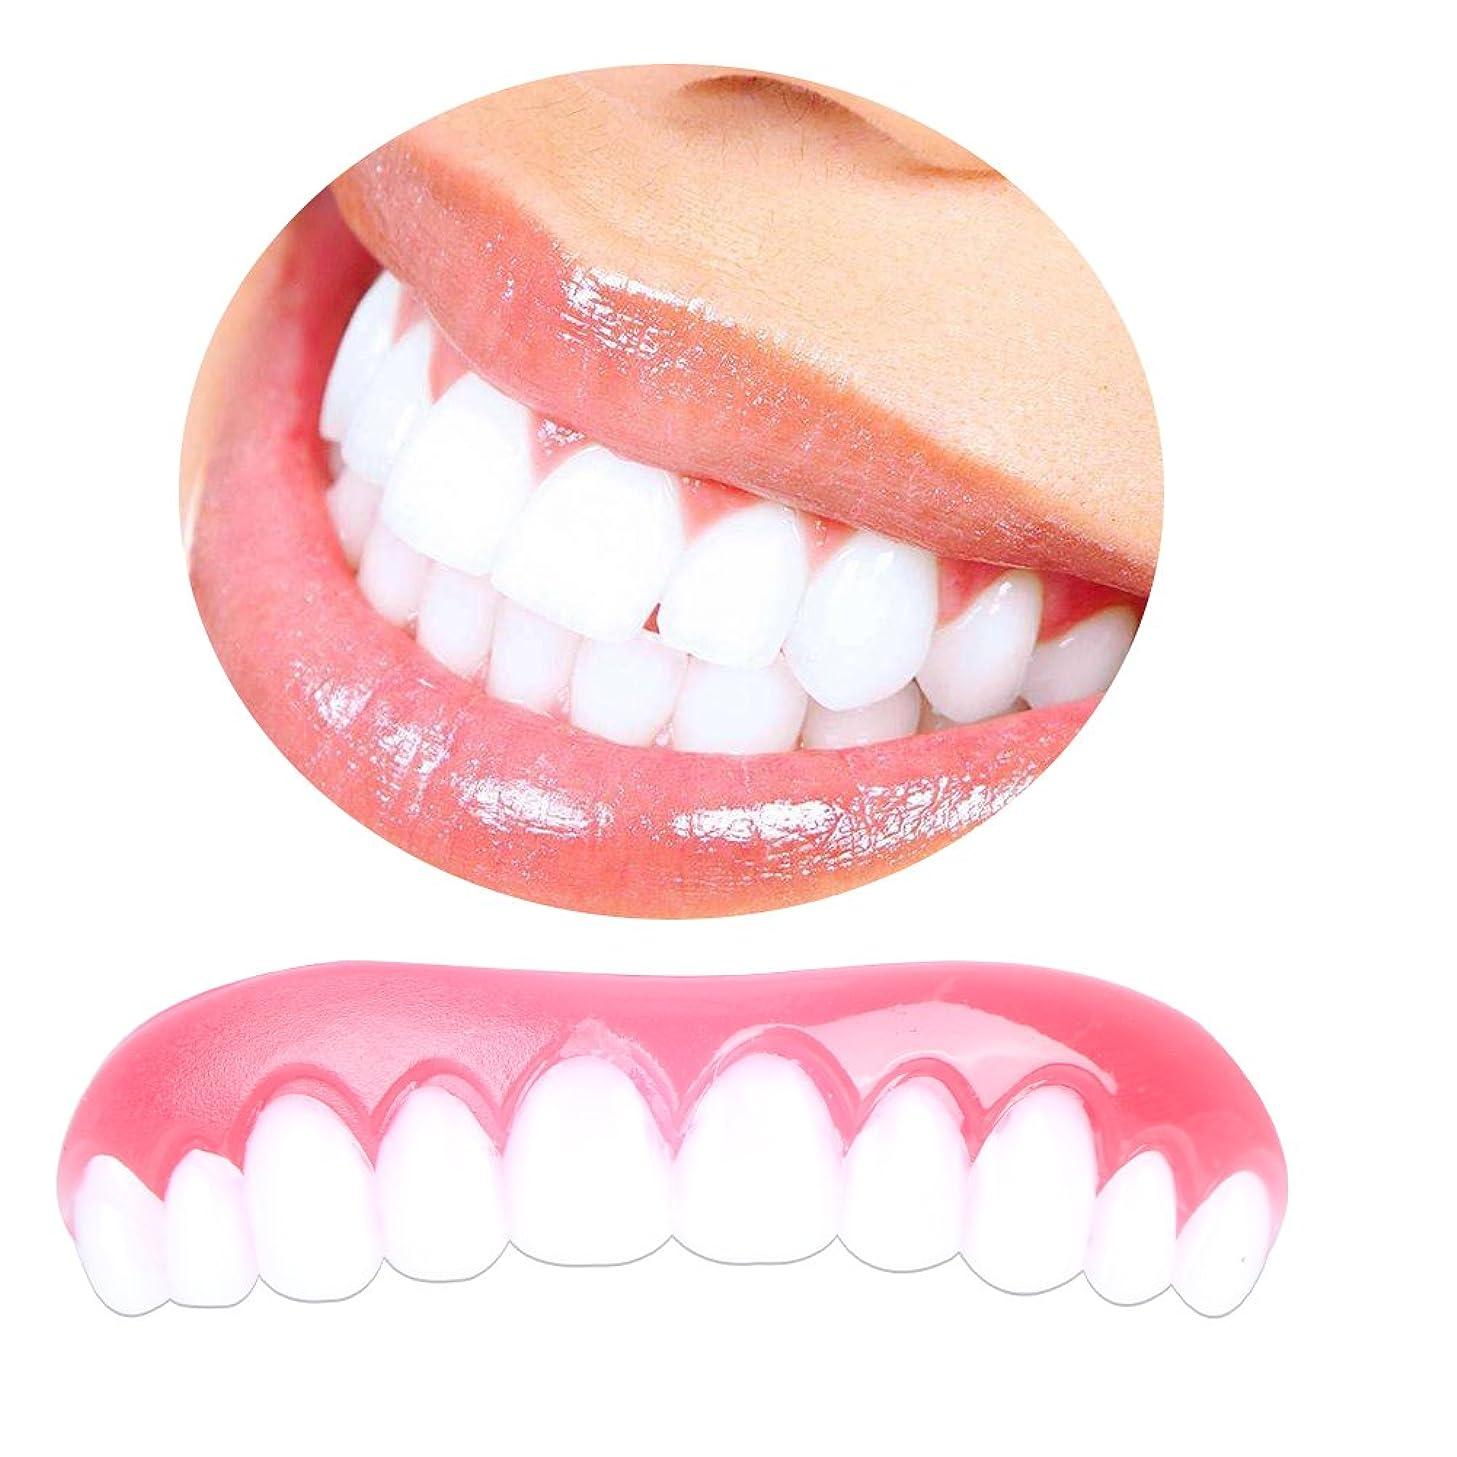 分析的な独立してご近所2個パーフェクトスマイルベニヤダブの歯の修正のための在庫の悪い歯のためのパーフェクトスマイルベニヤ歯のホワイトニング